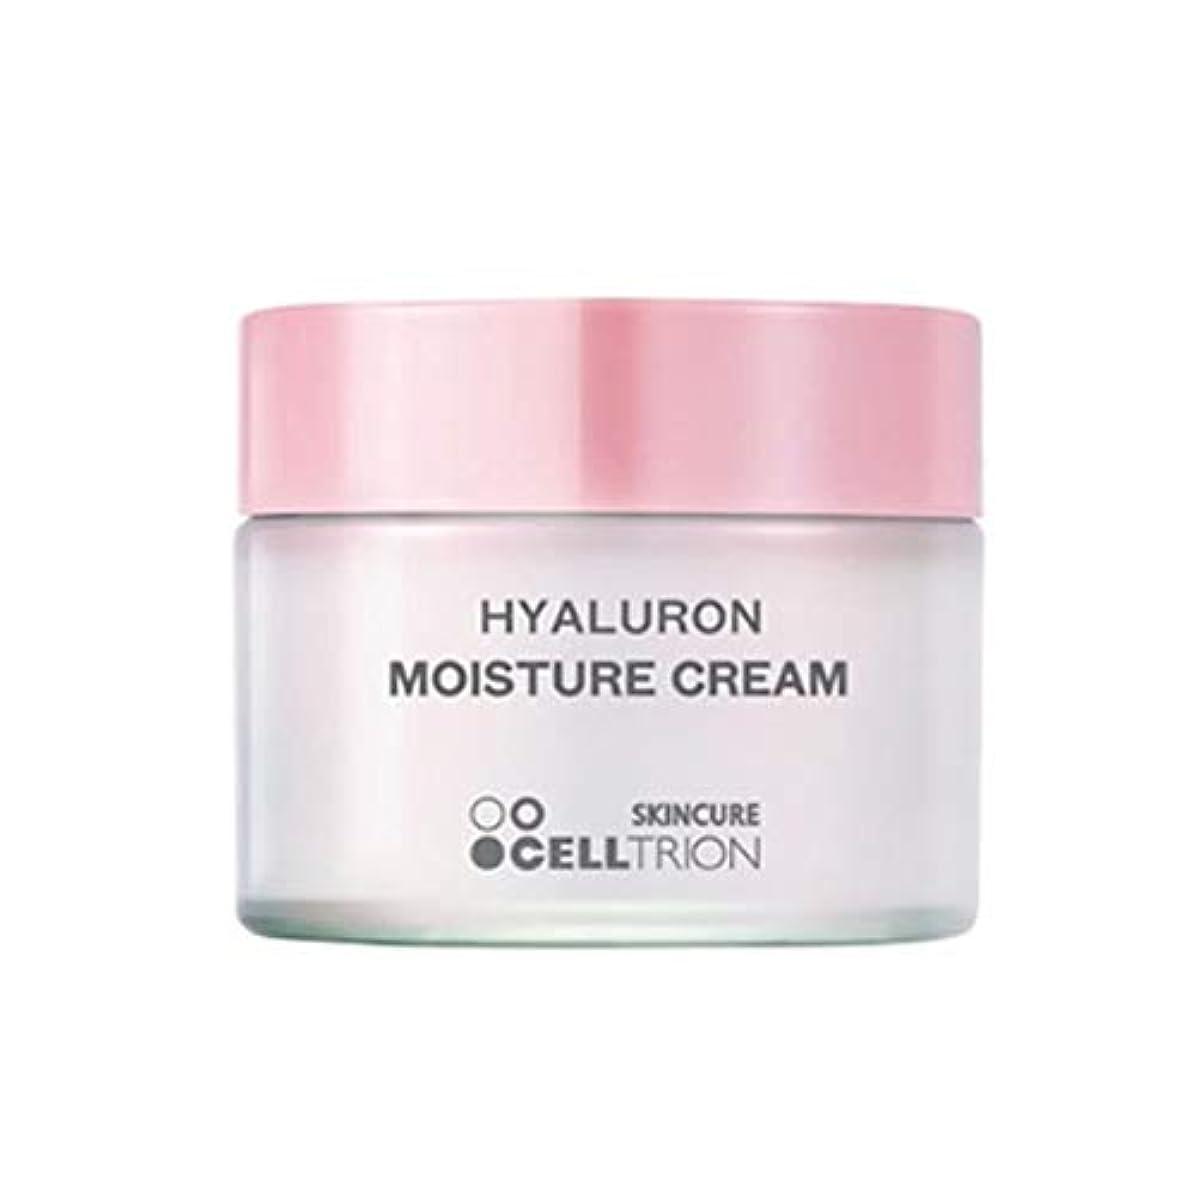 インクフラップ北方セルトリオンスキンキュアヒアルロンモイスチャークリーム50gしわ改善、Celltrion Skincure Hyaluron Moisture Cream 50g Anti-Wrinkle [並行輸入品]